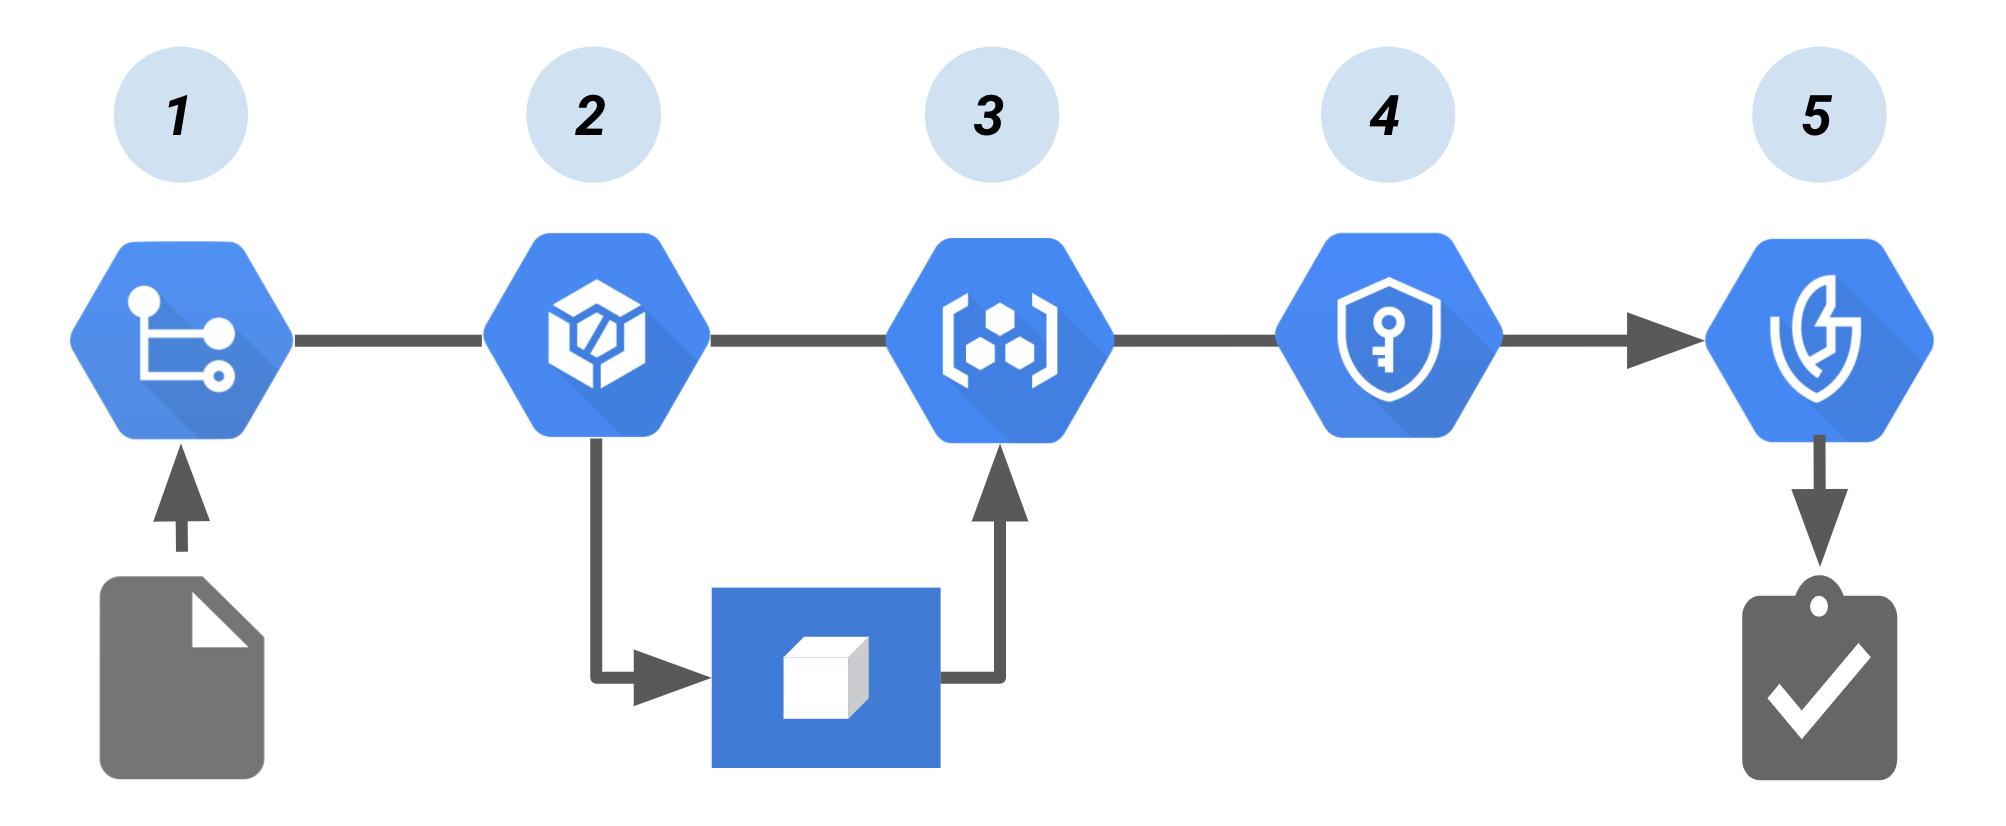 Pipeline d'attestation par l'autorisation binaire avec CloudBuild.